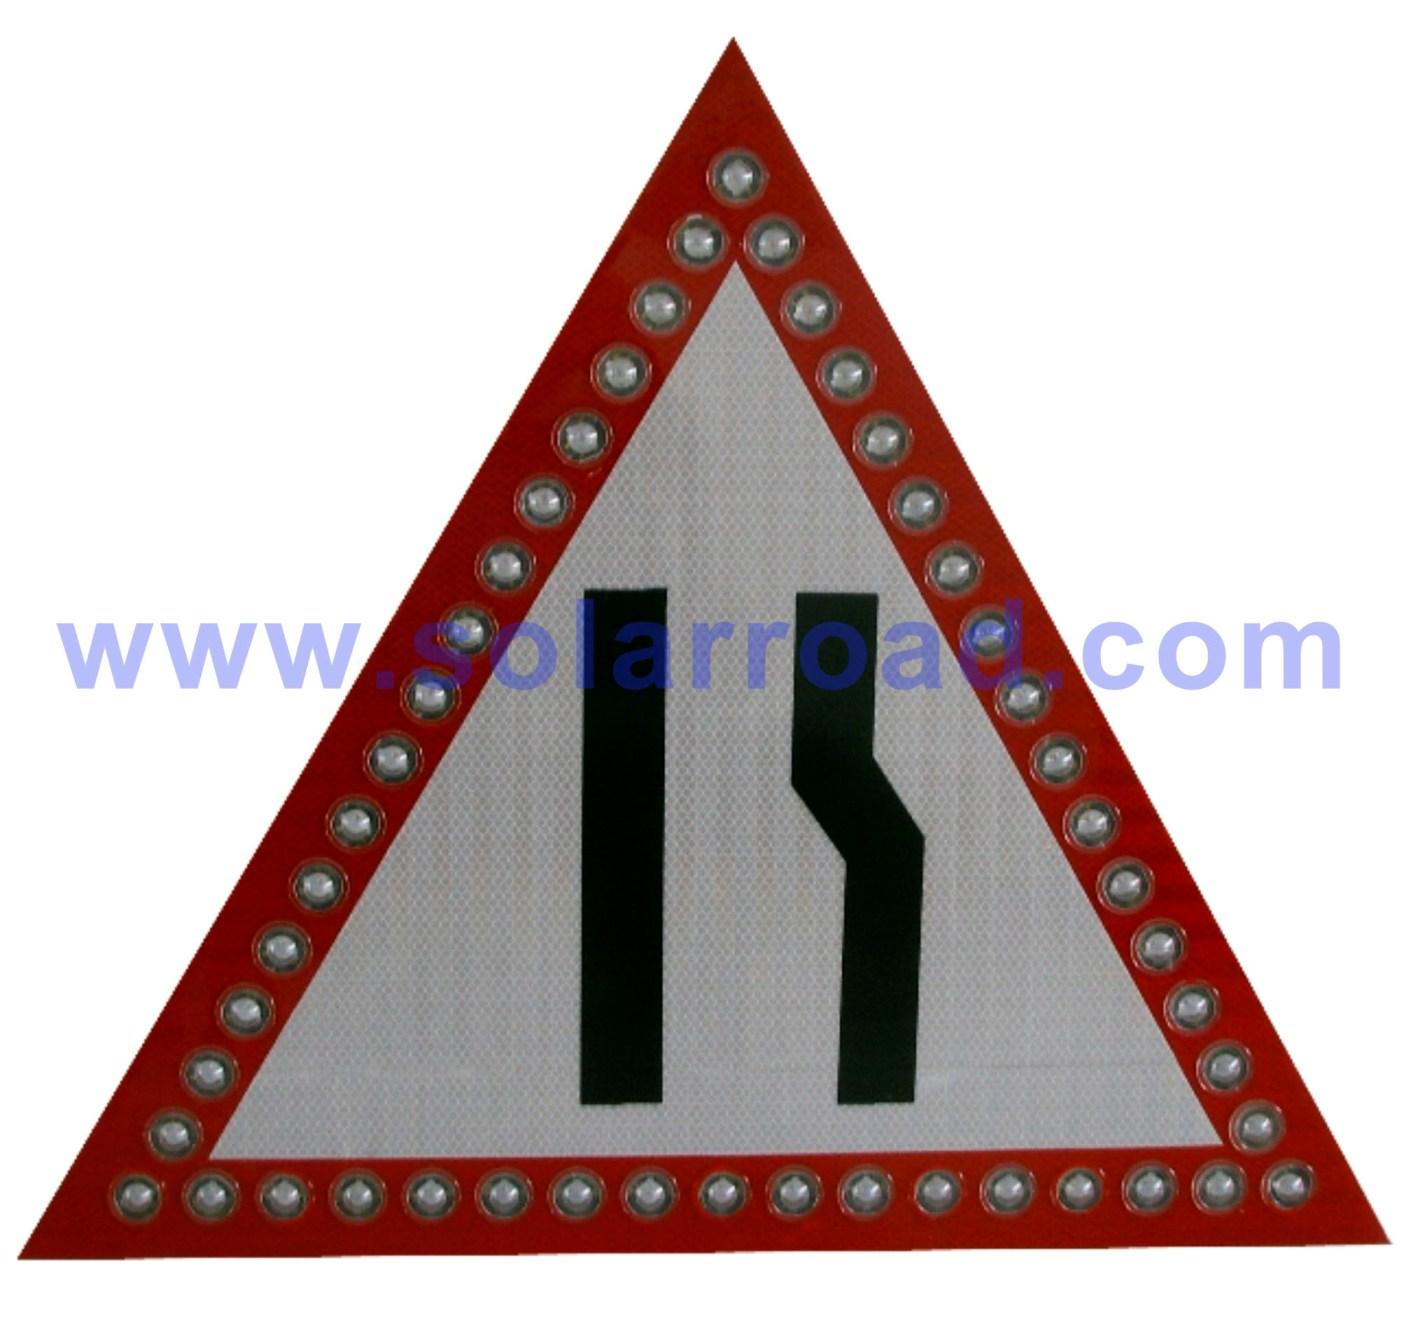 产各种太阳能导向标志牌、限速牌等交通类产品.交通标志牌